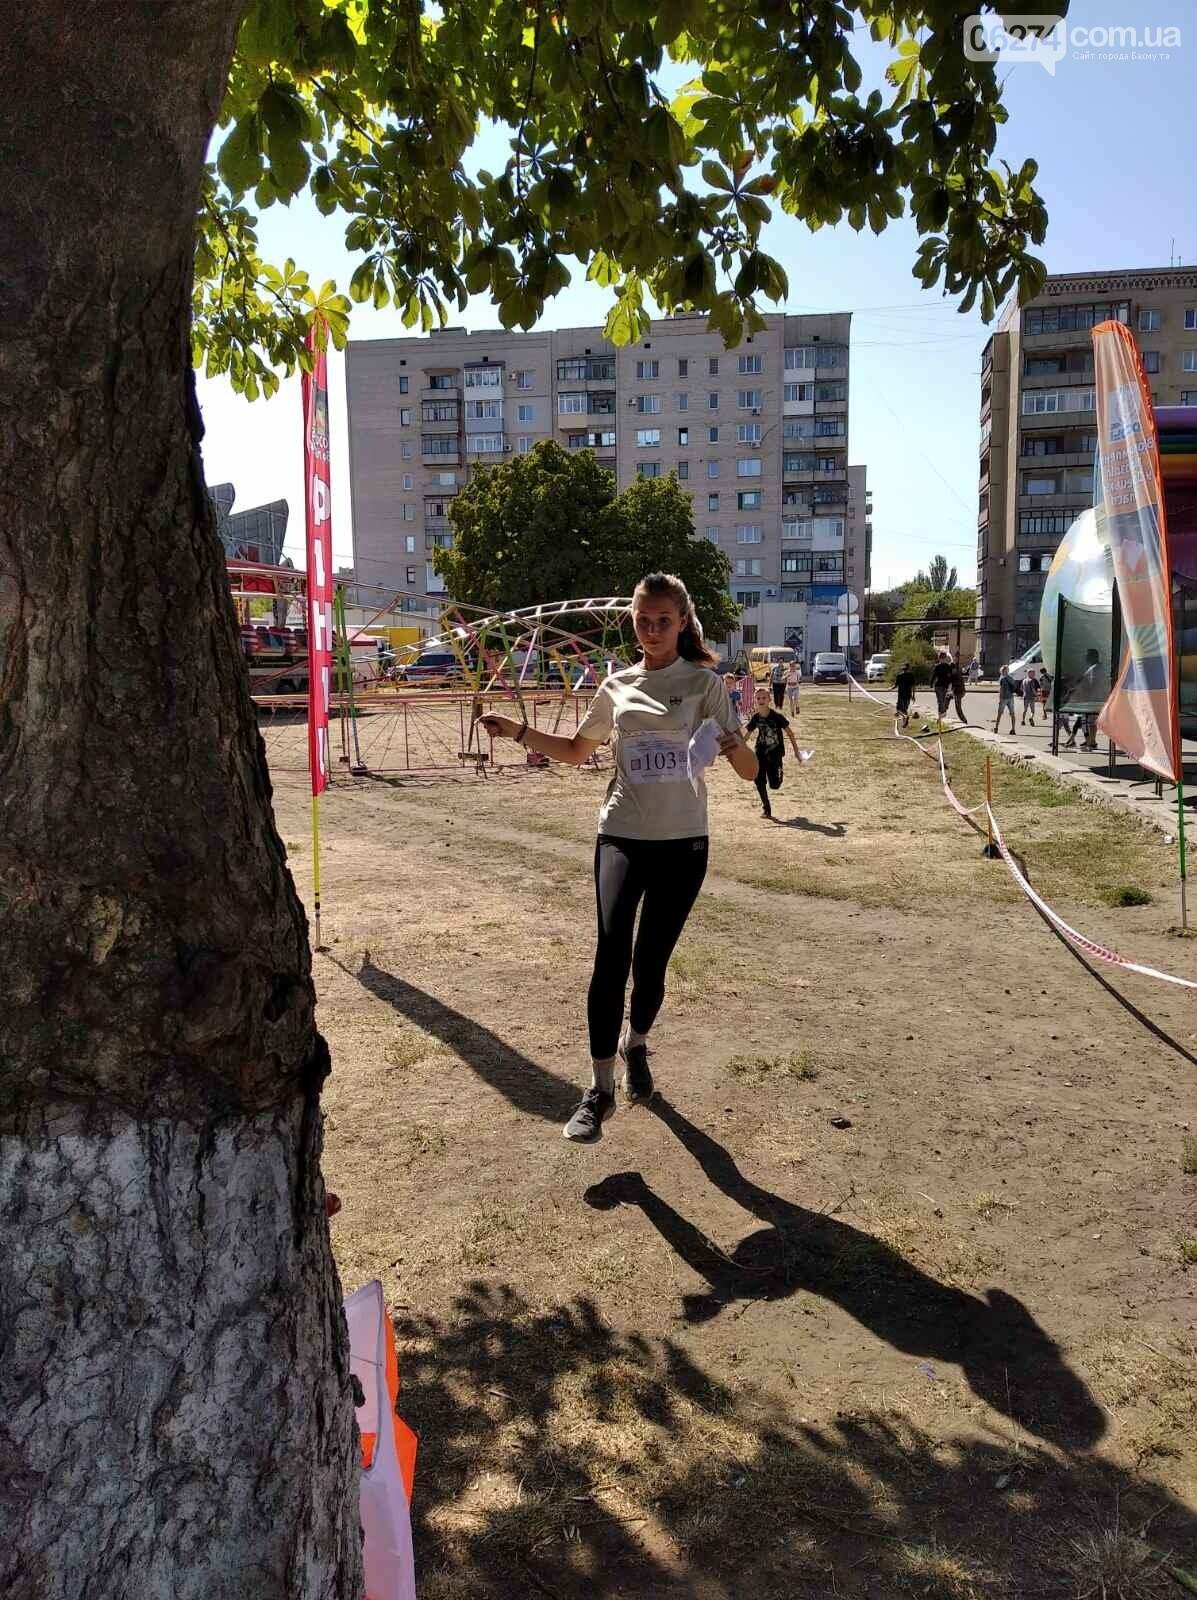 В Дружковке состоялся открытый чемпионат по спортивному ориентированию на дистанциях городского спринта, фото-5